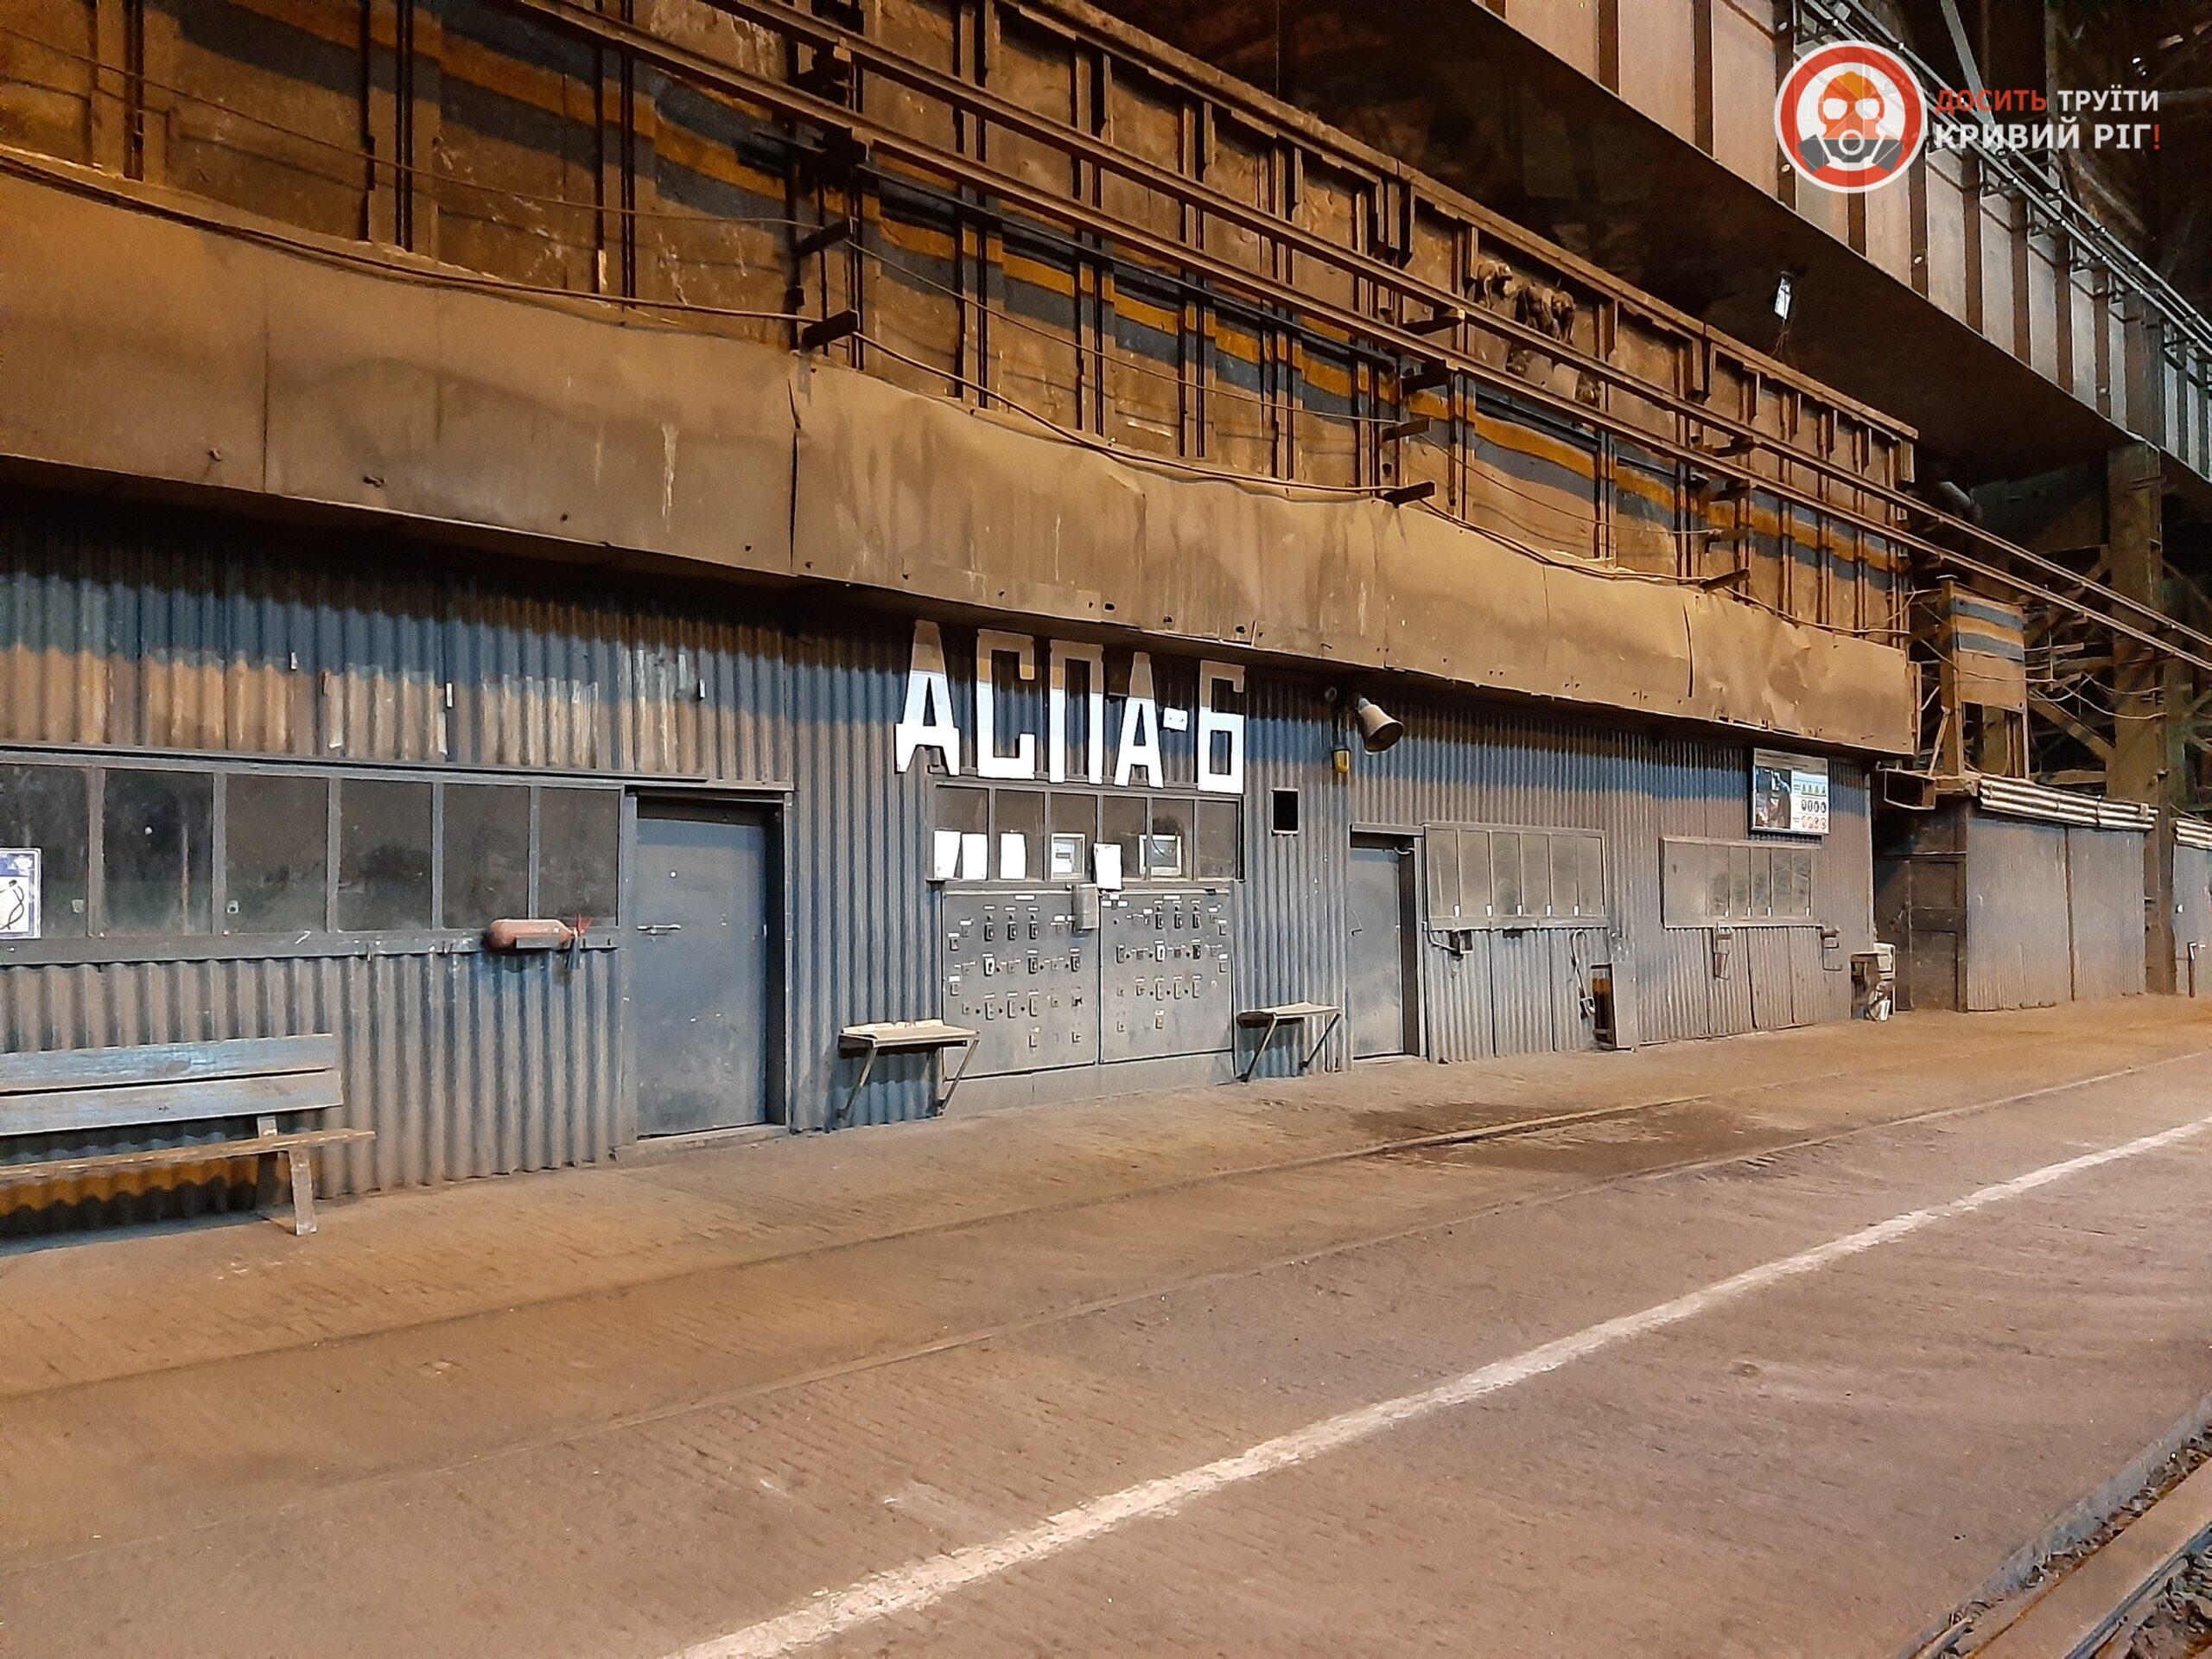 Закрита екскурсія до зупиненого мартенівського цеху АМКР